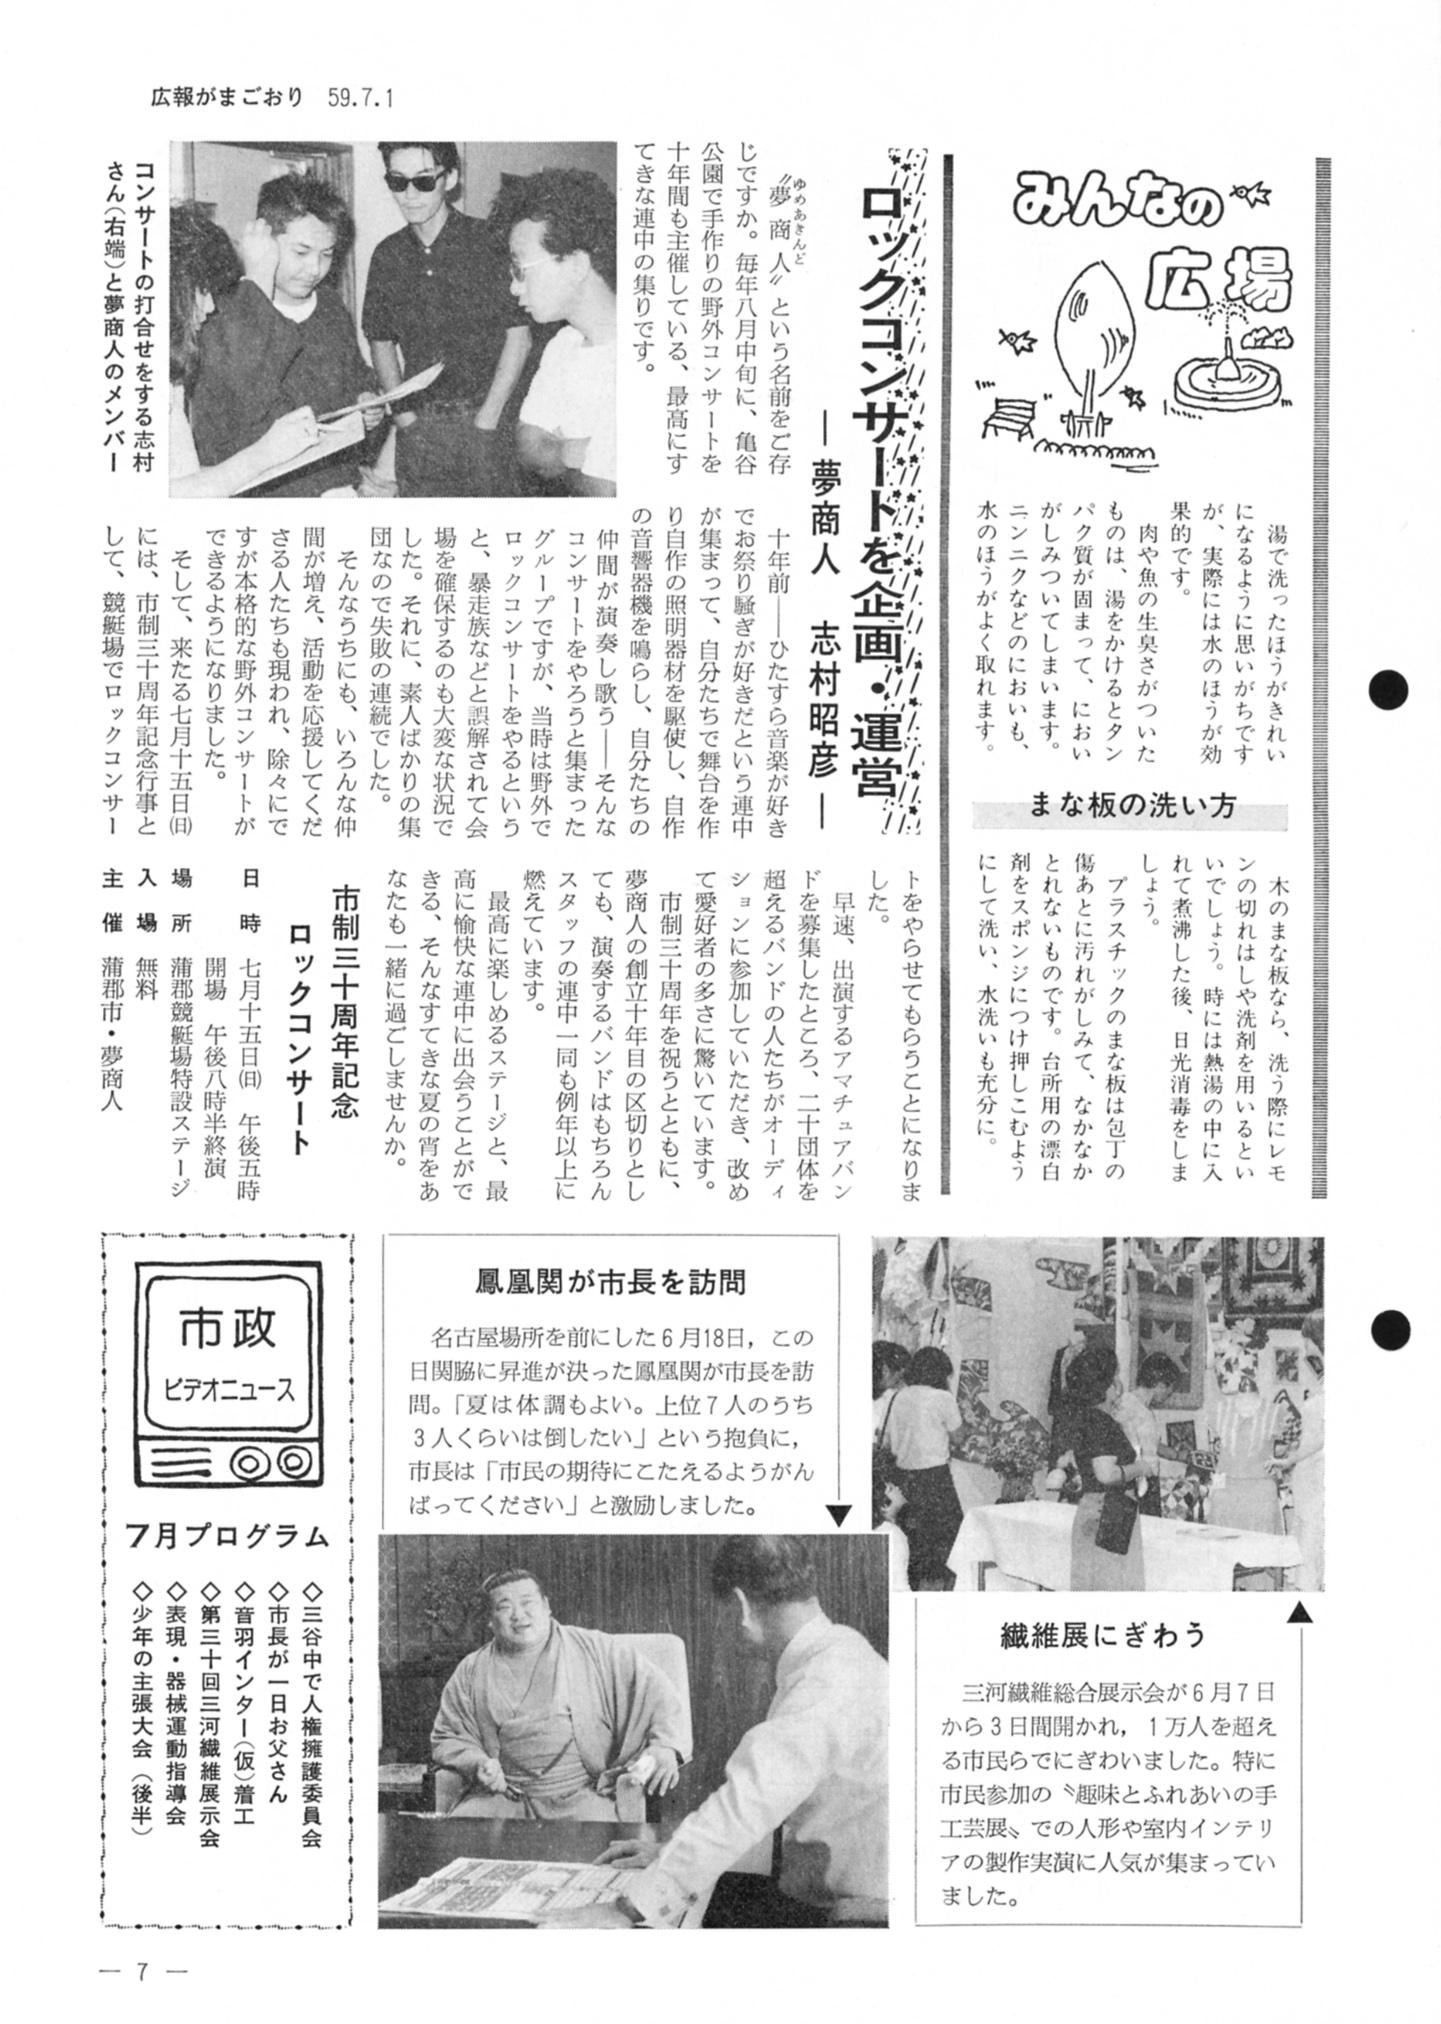 広報がまごおり(昭和59年7月)